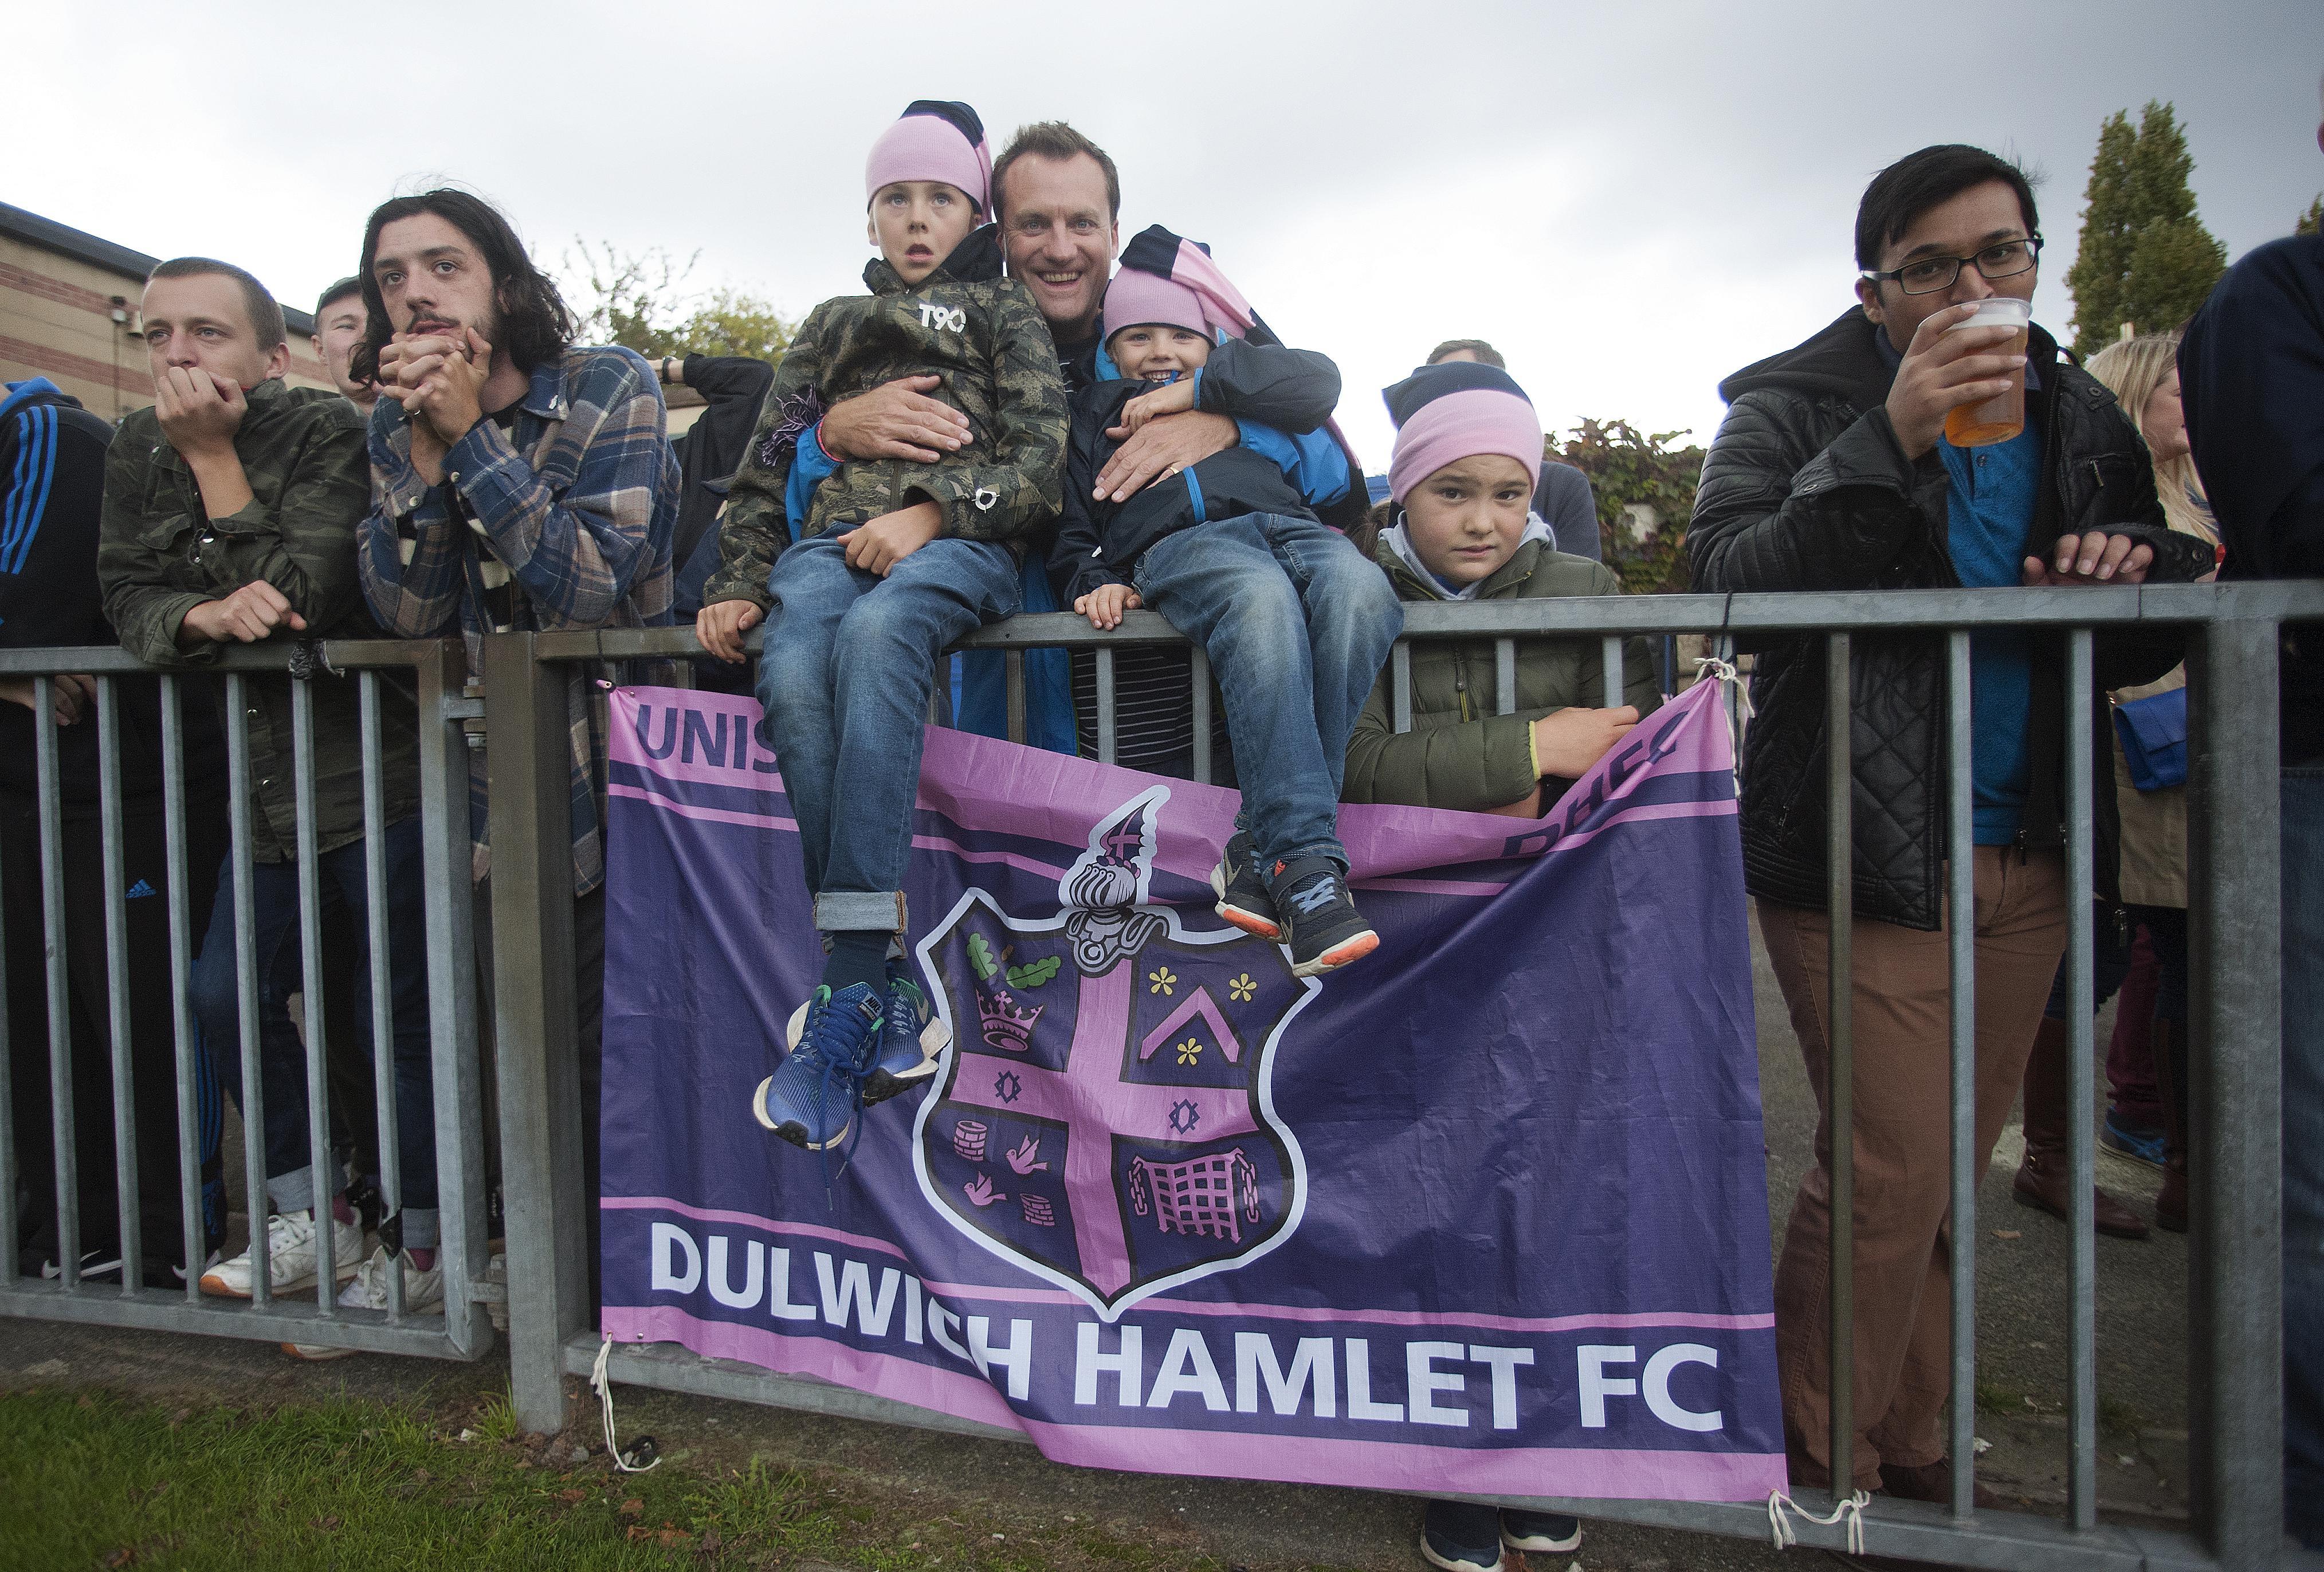 Hamlet fans face a nervous future